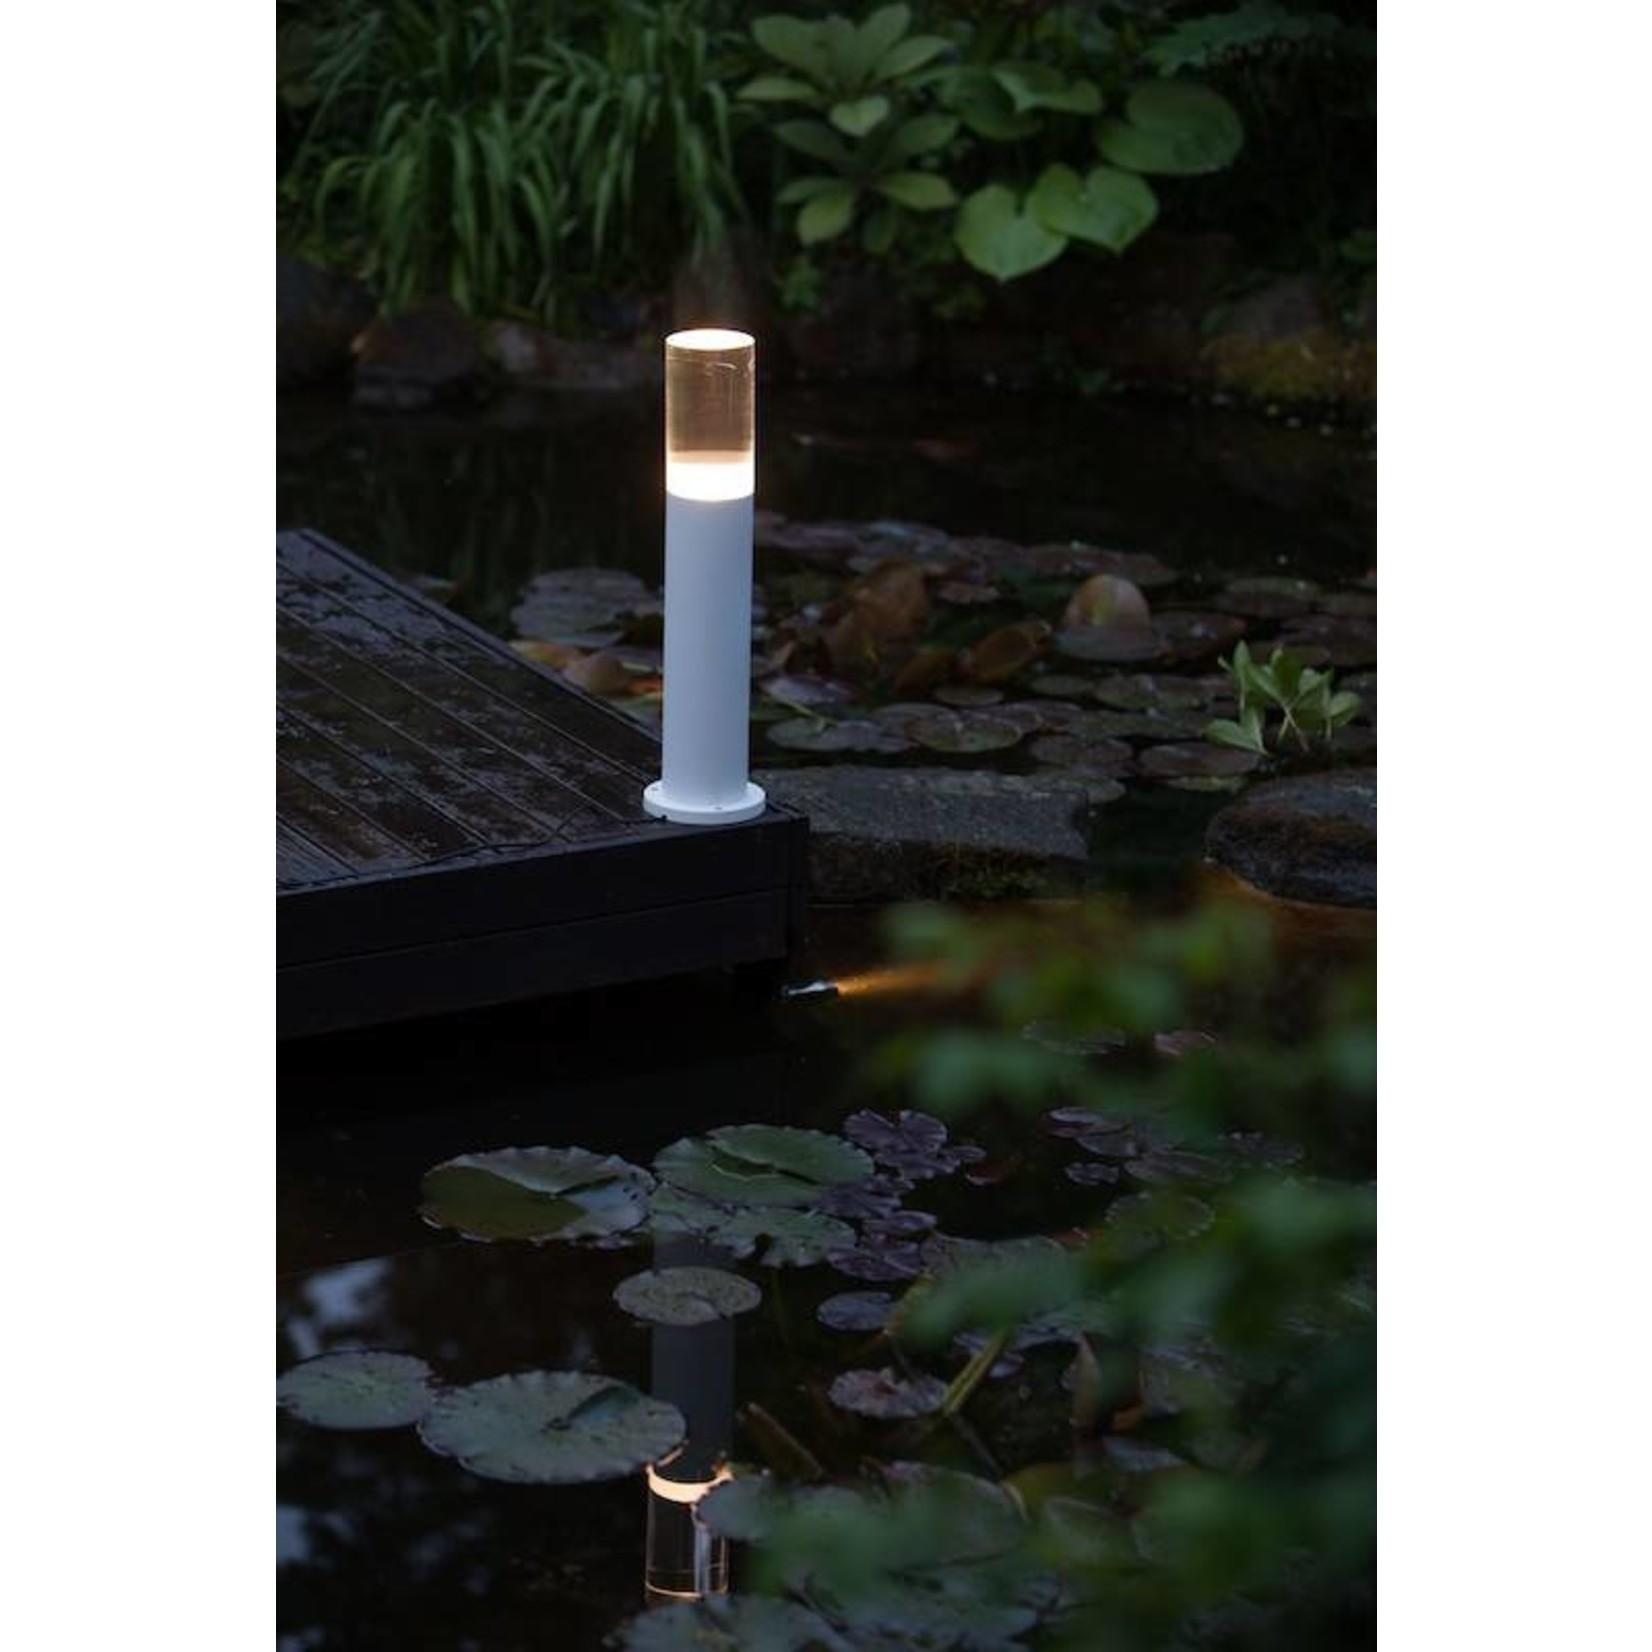 Heissner Smart Light tuinlamp 7W warm wit metaal